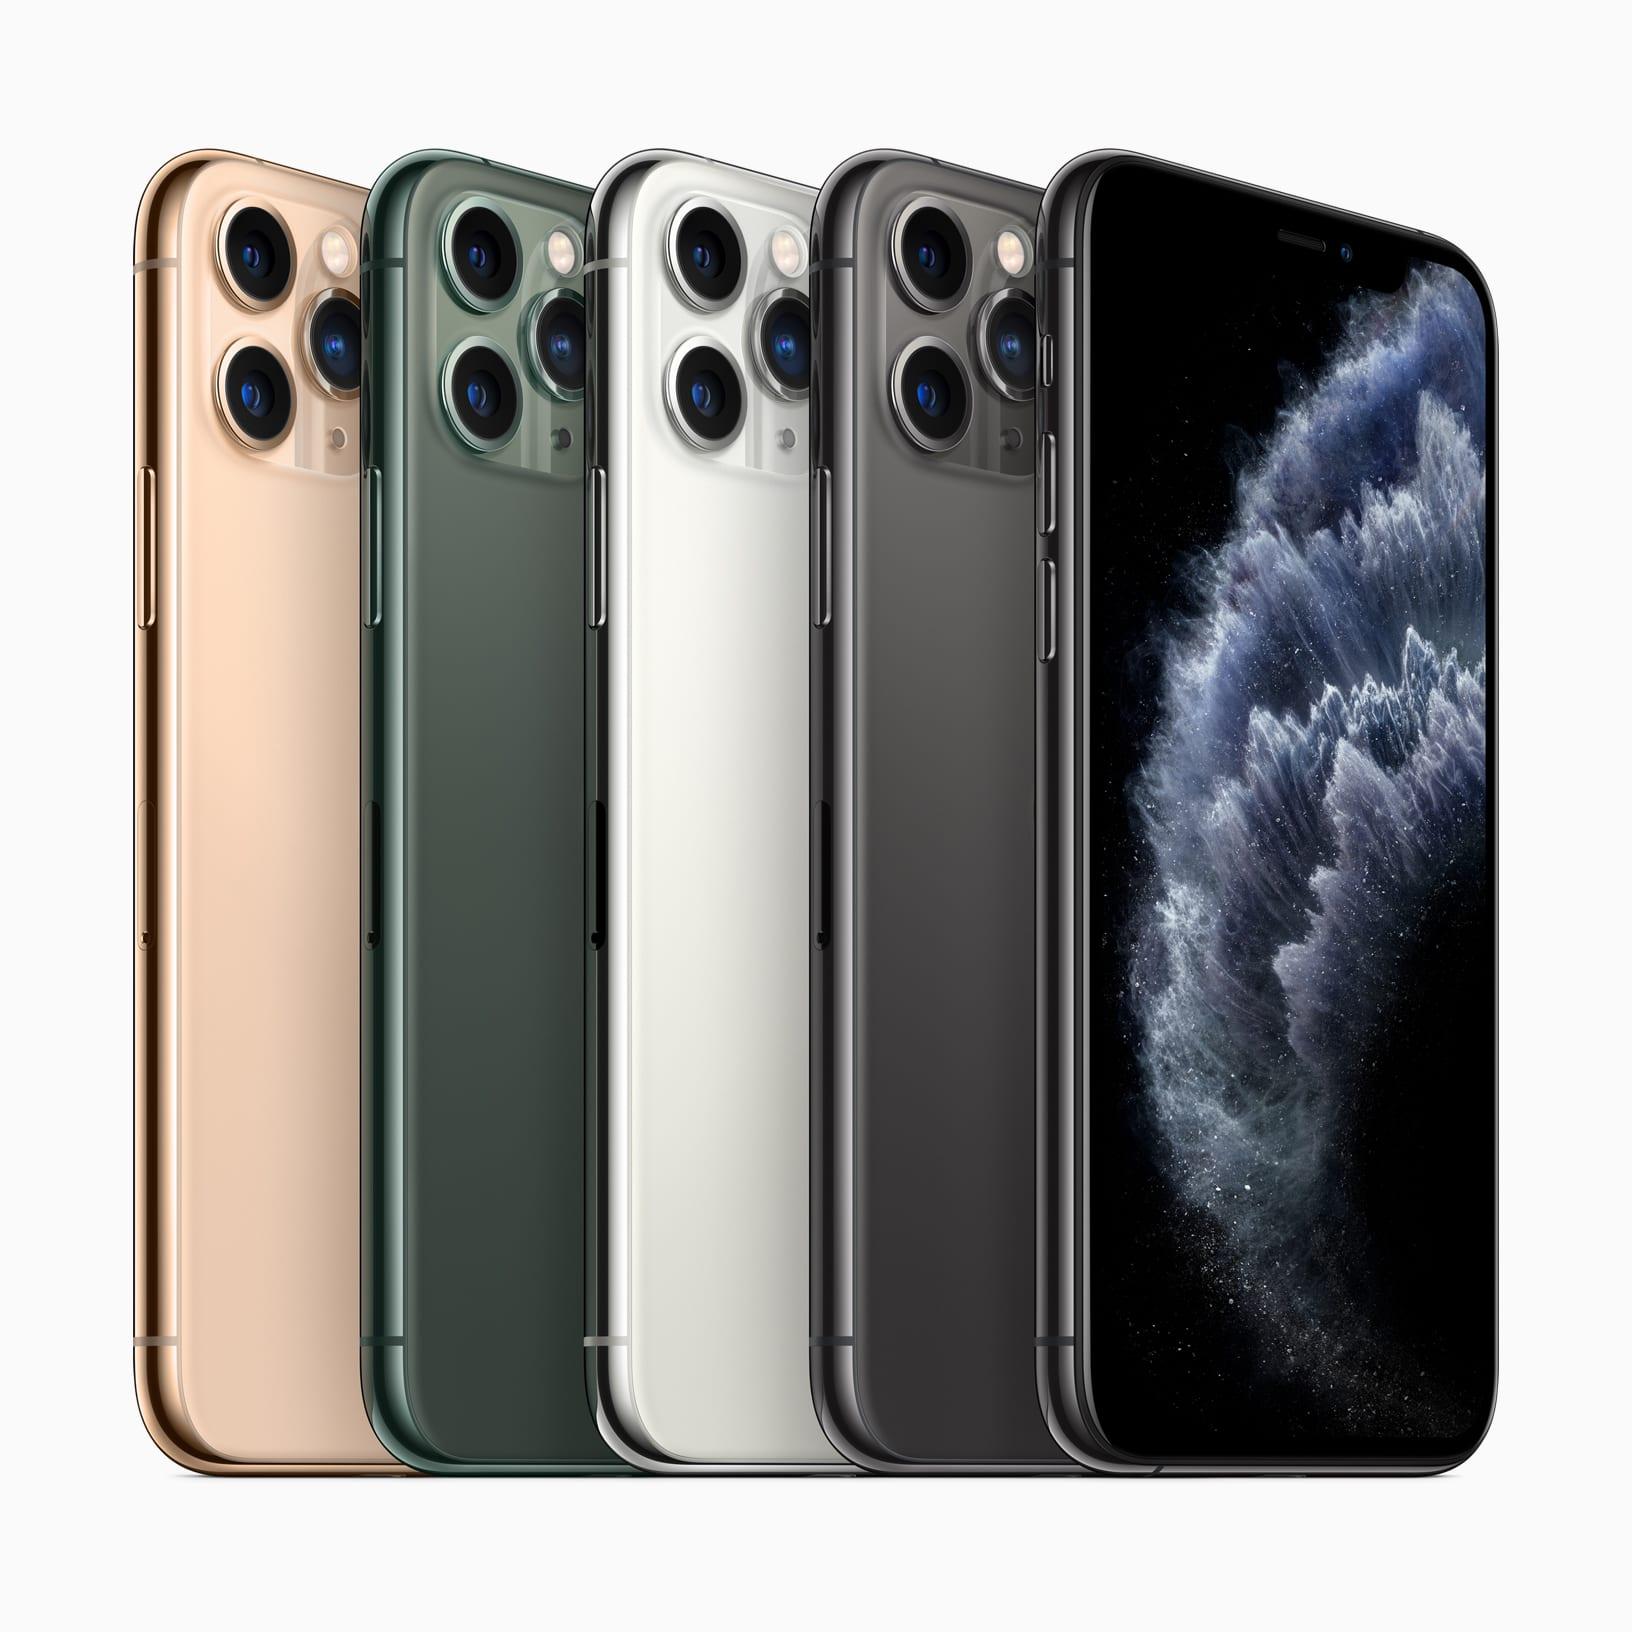 iPhone 11 Pro și 11 Pro Max, vin cu iOS 13 și sistem de trei camere principale